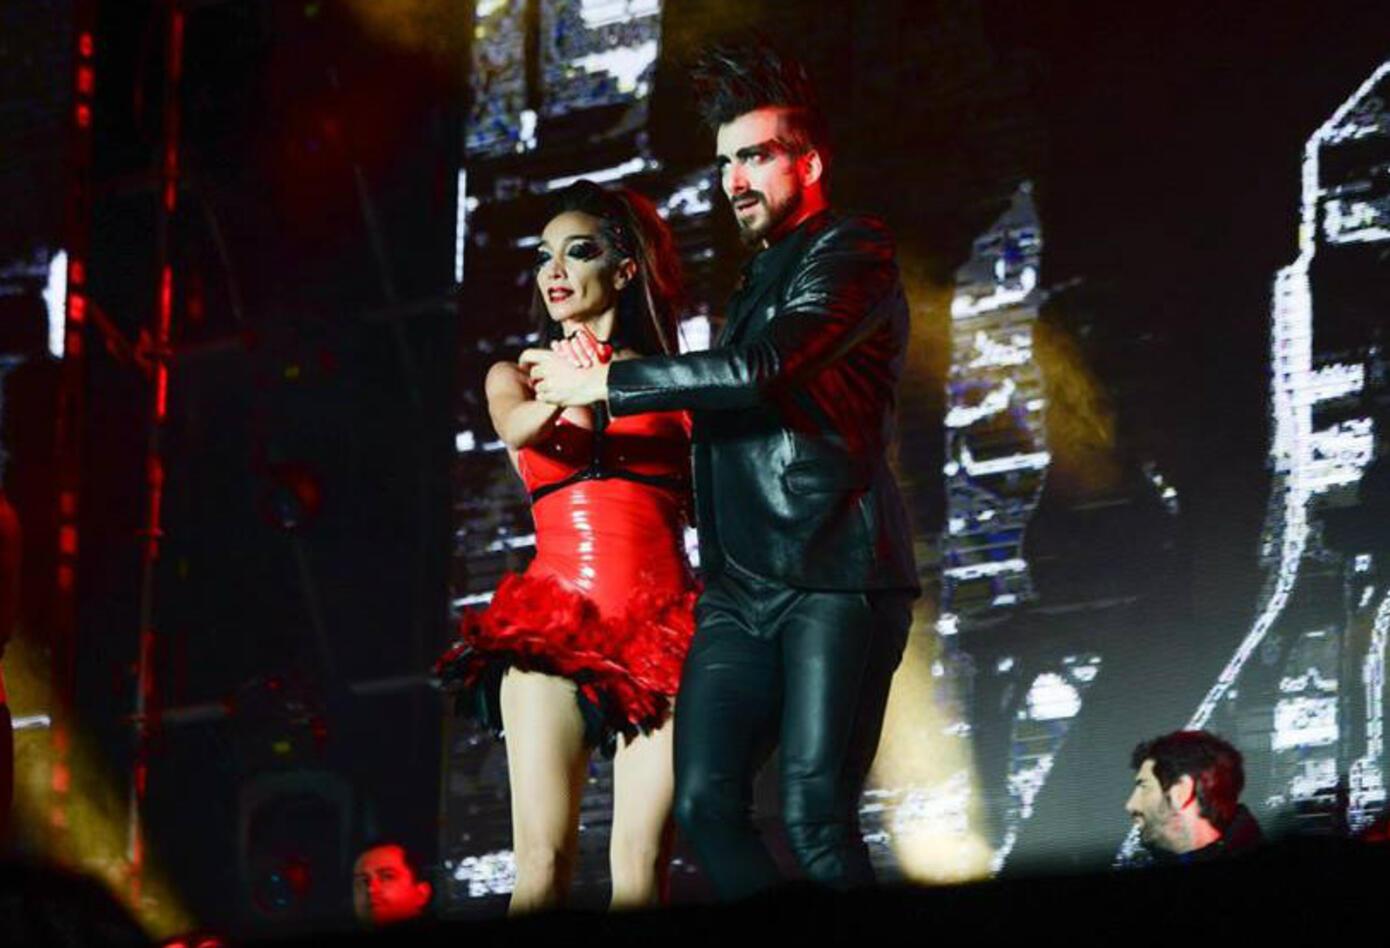 Puesta en escena de tango en la ceremonia inaugural de los Juegos Olímpicos de la Juventud 2018